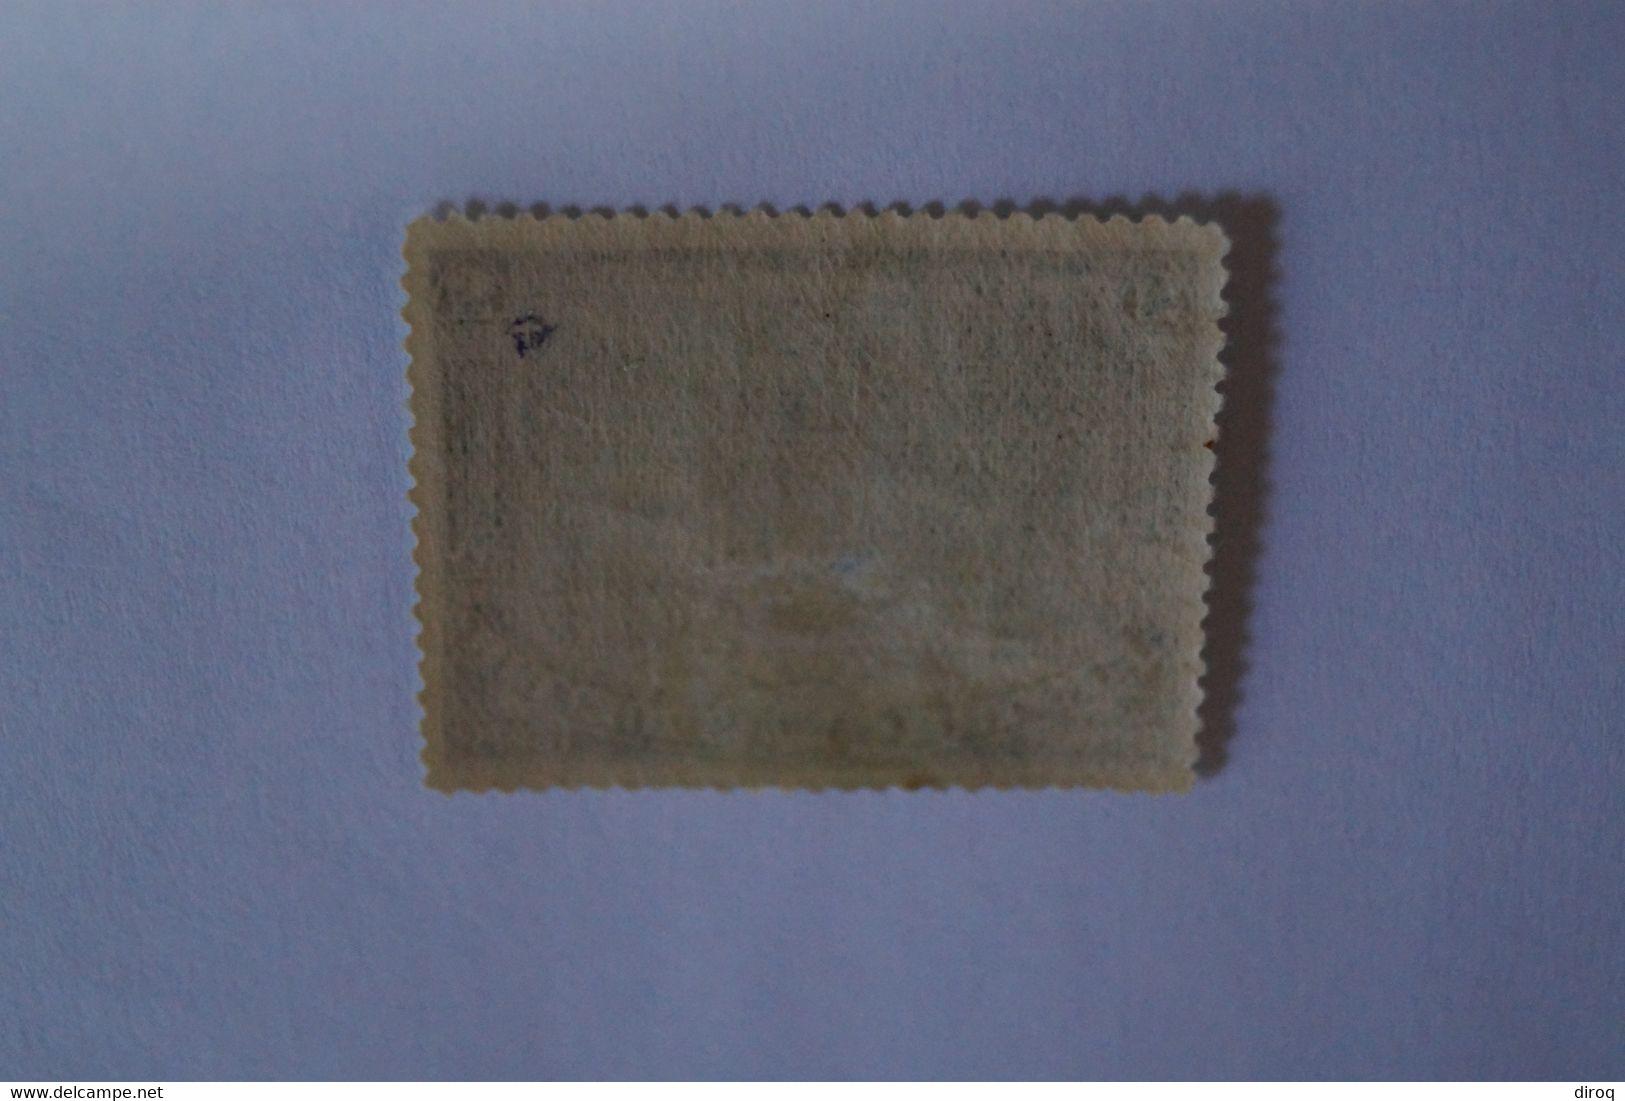 Franken,Belgique , Timbre Veurne De 5 Francs , OBP 147 ,Neuf Avec Gomme,petite Trace De Charnière ( Minime) - 1915-1920 Alberto I